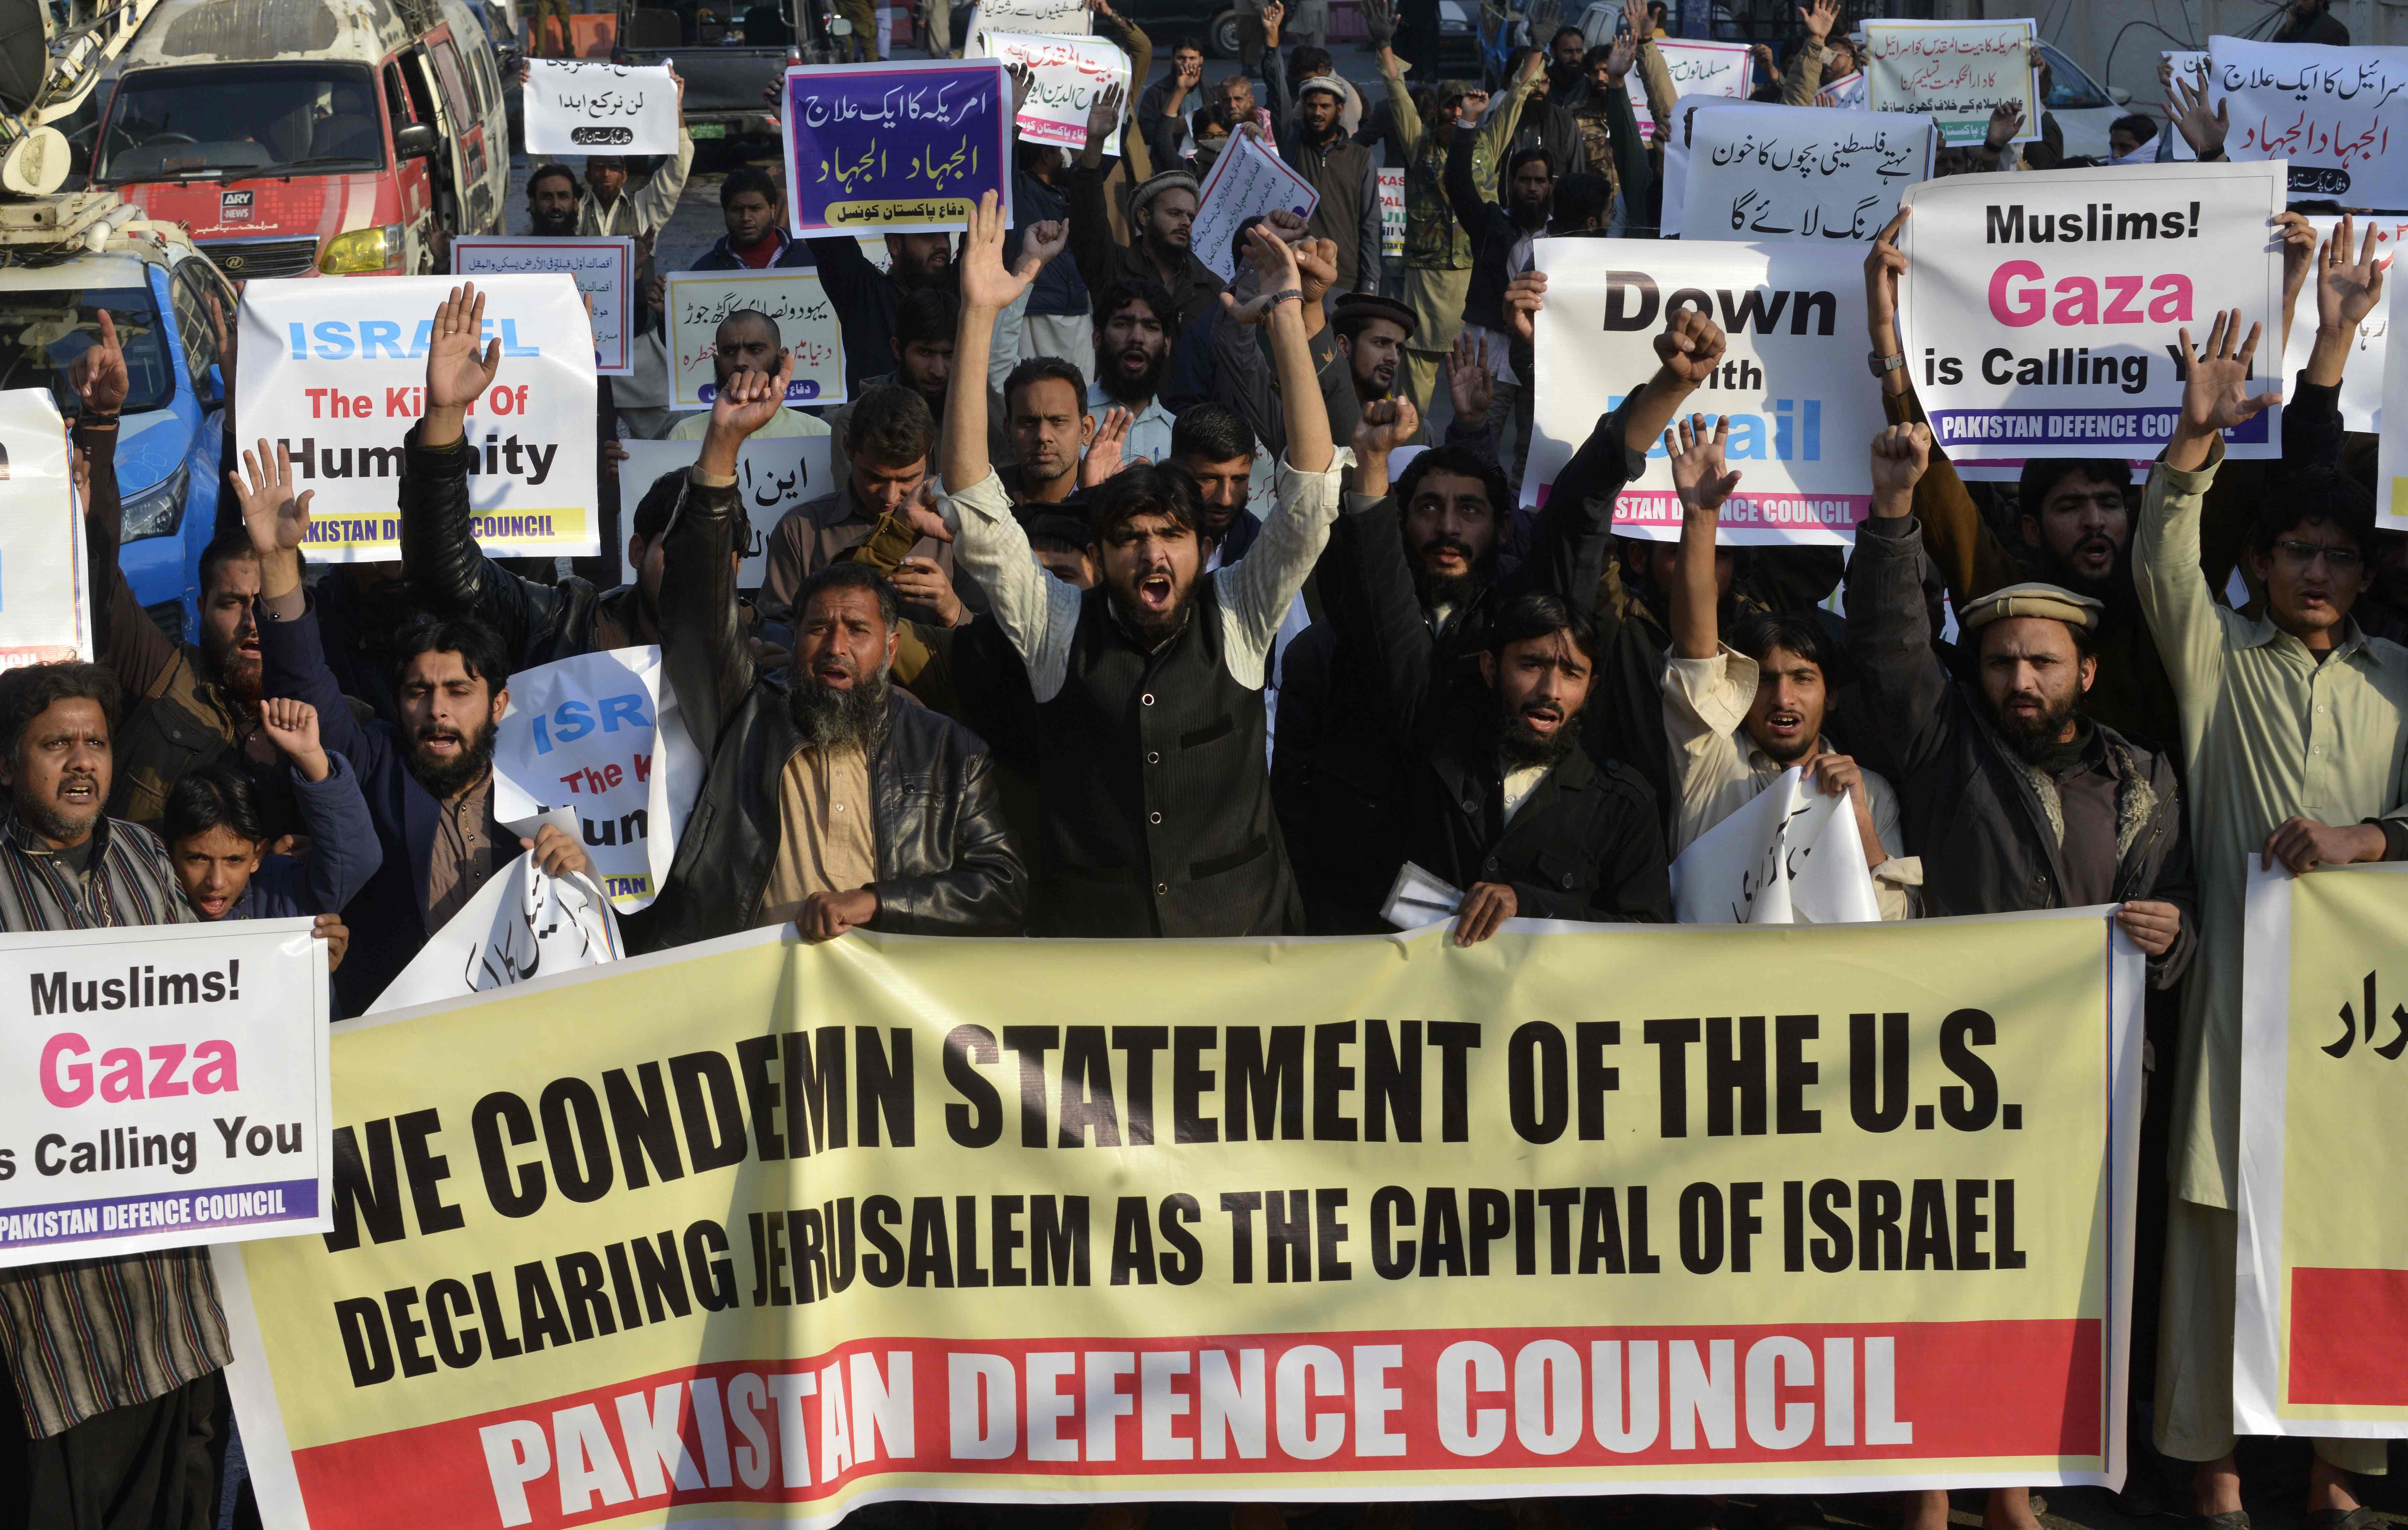 متظاهرون يرفعون لافتات تدعو إلى الجهاد